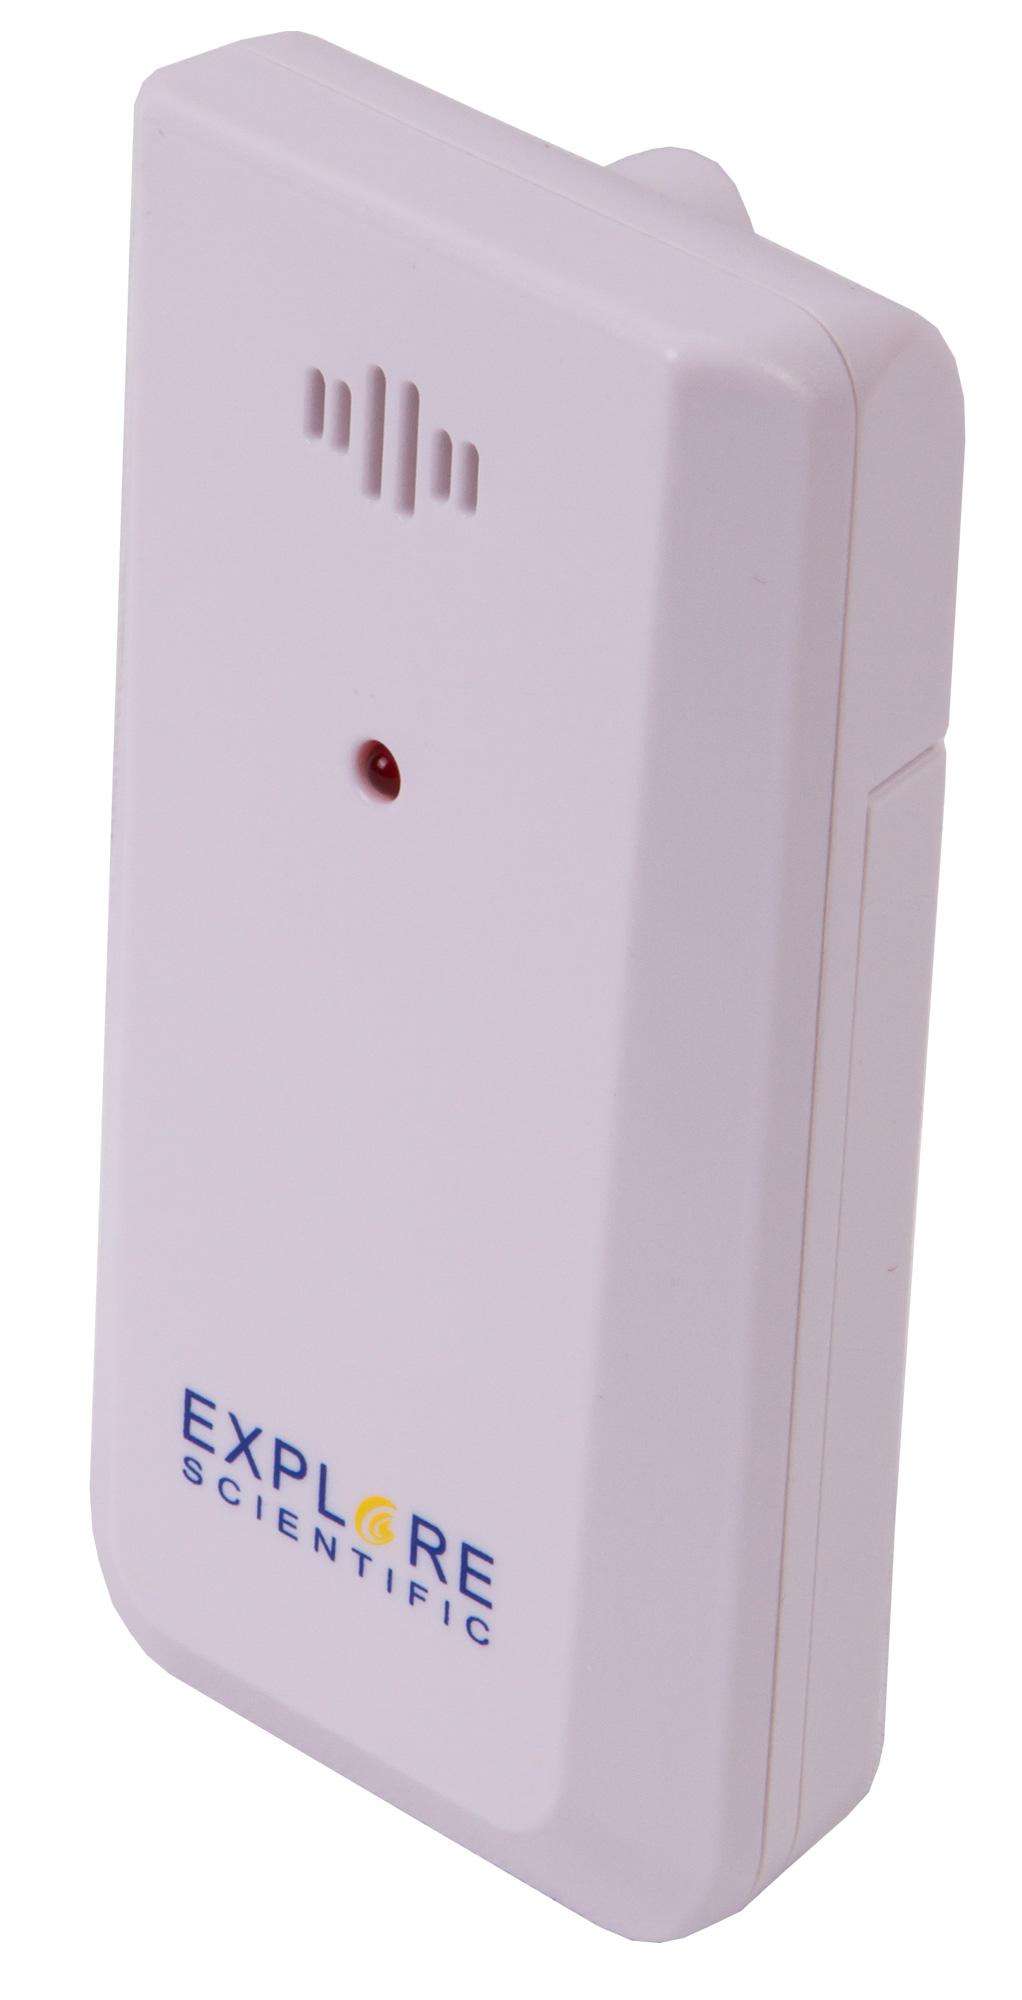 Картинка для Датчик внешний Explore Scientific для метеостанций, 433 МГц